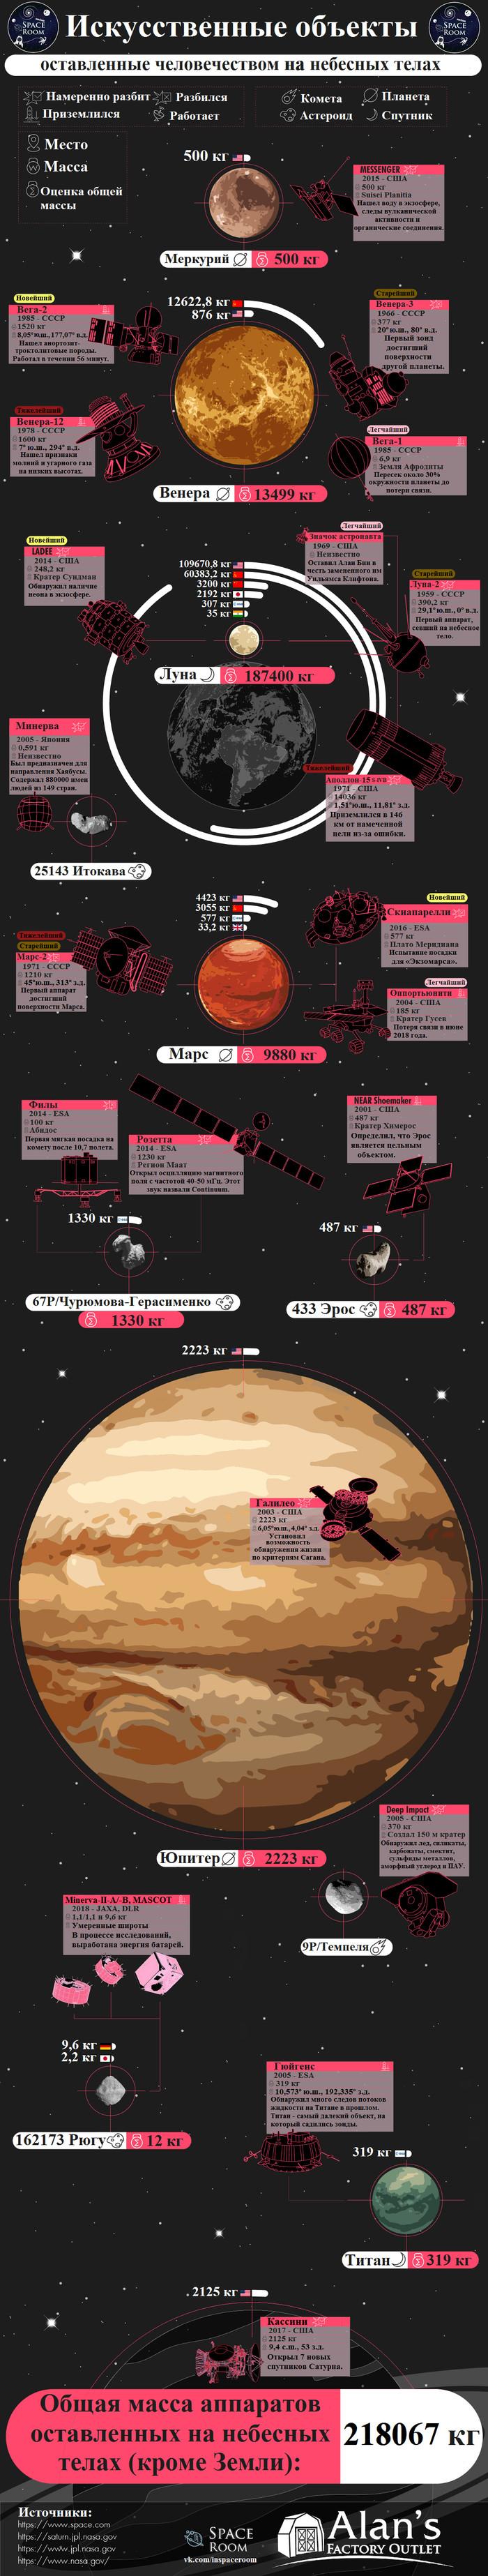 Сколько всего объектов нами «забыто» на небесных телах Солнечной системы? Солнечная система, Космический аппарат, Инфографика, Длиннопост